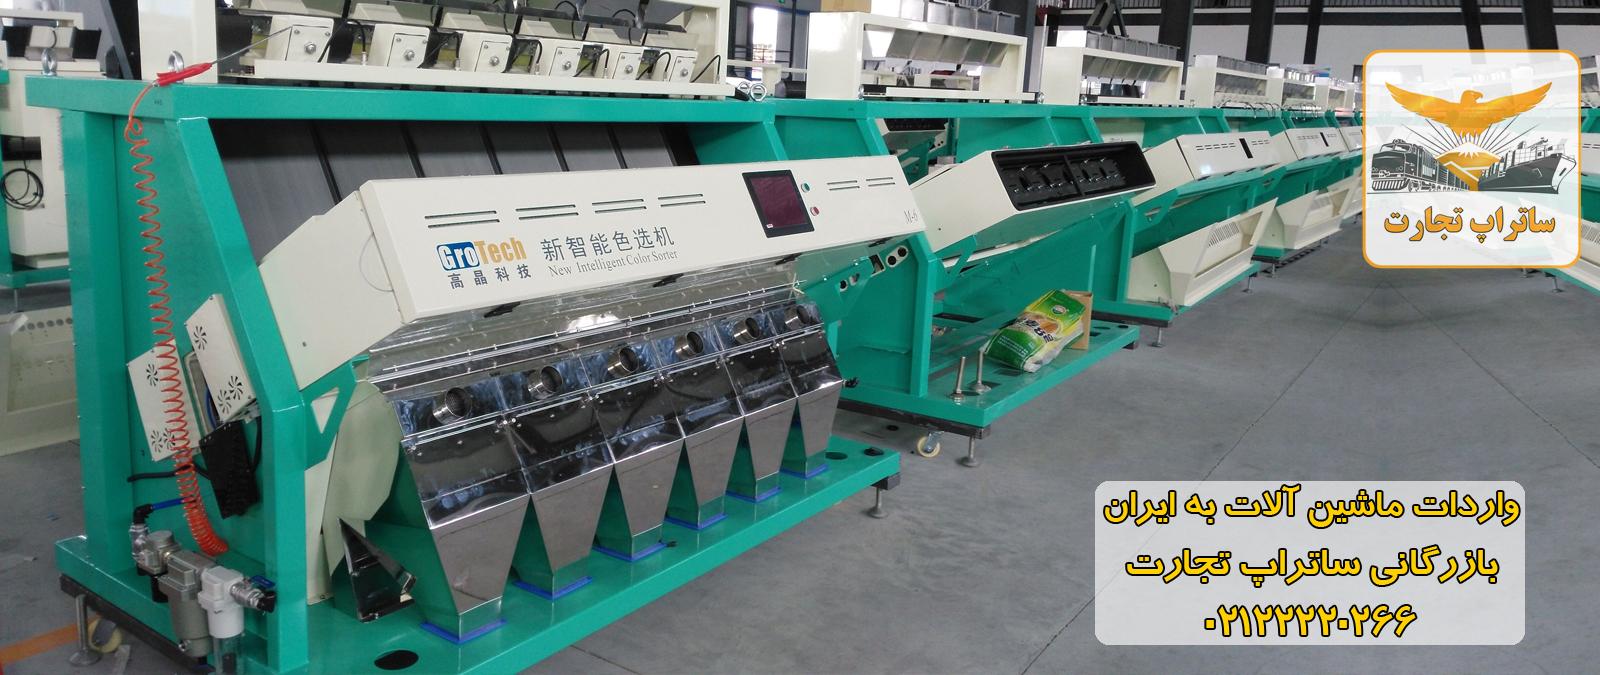 واردات ماشین آلات صنعتی به ایران